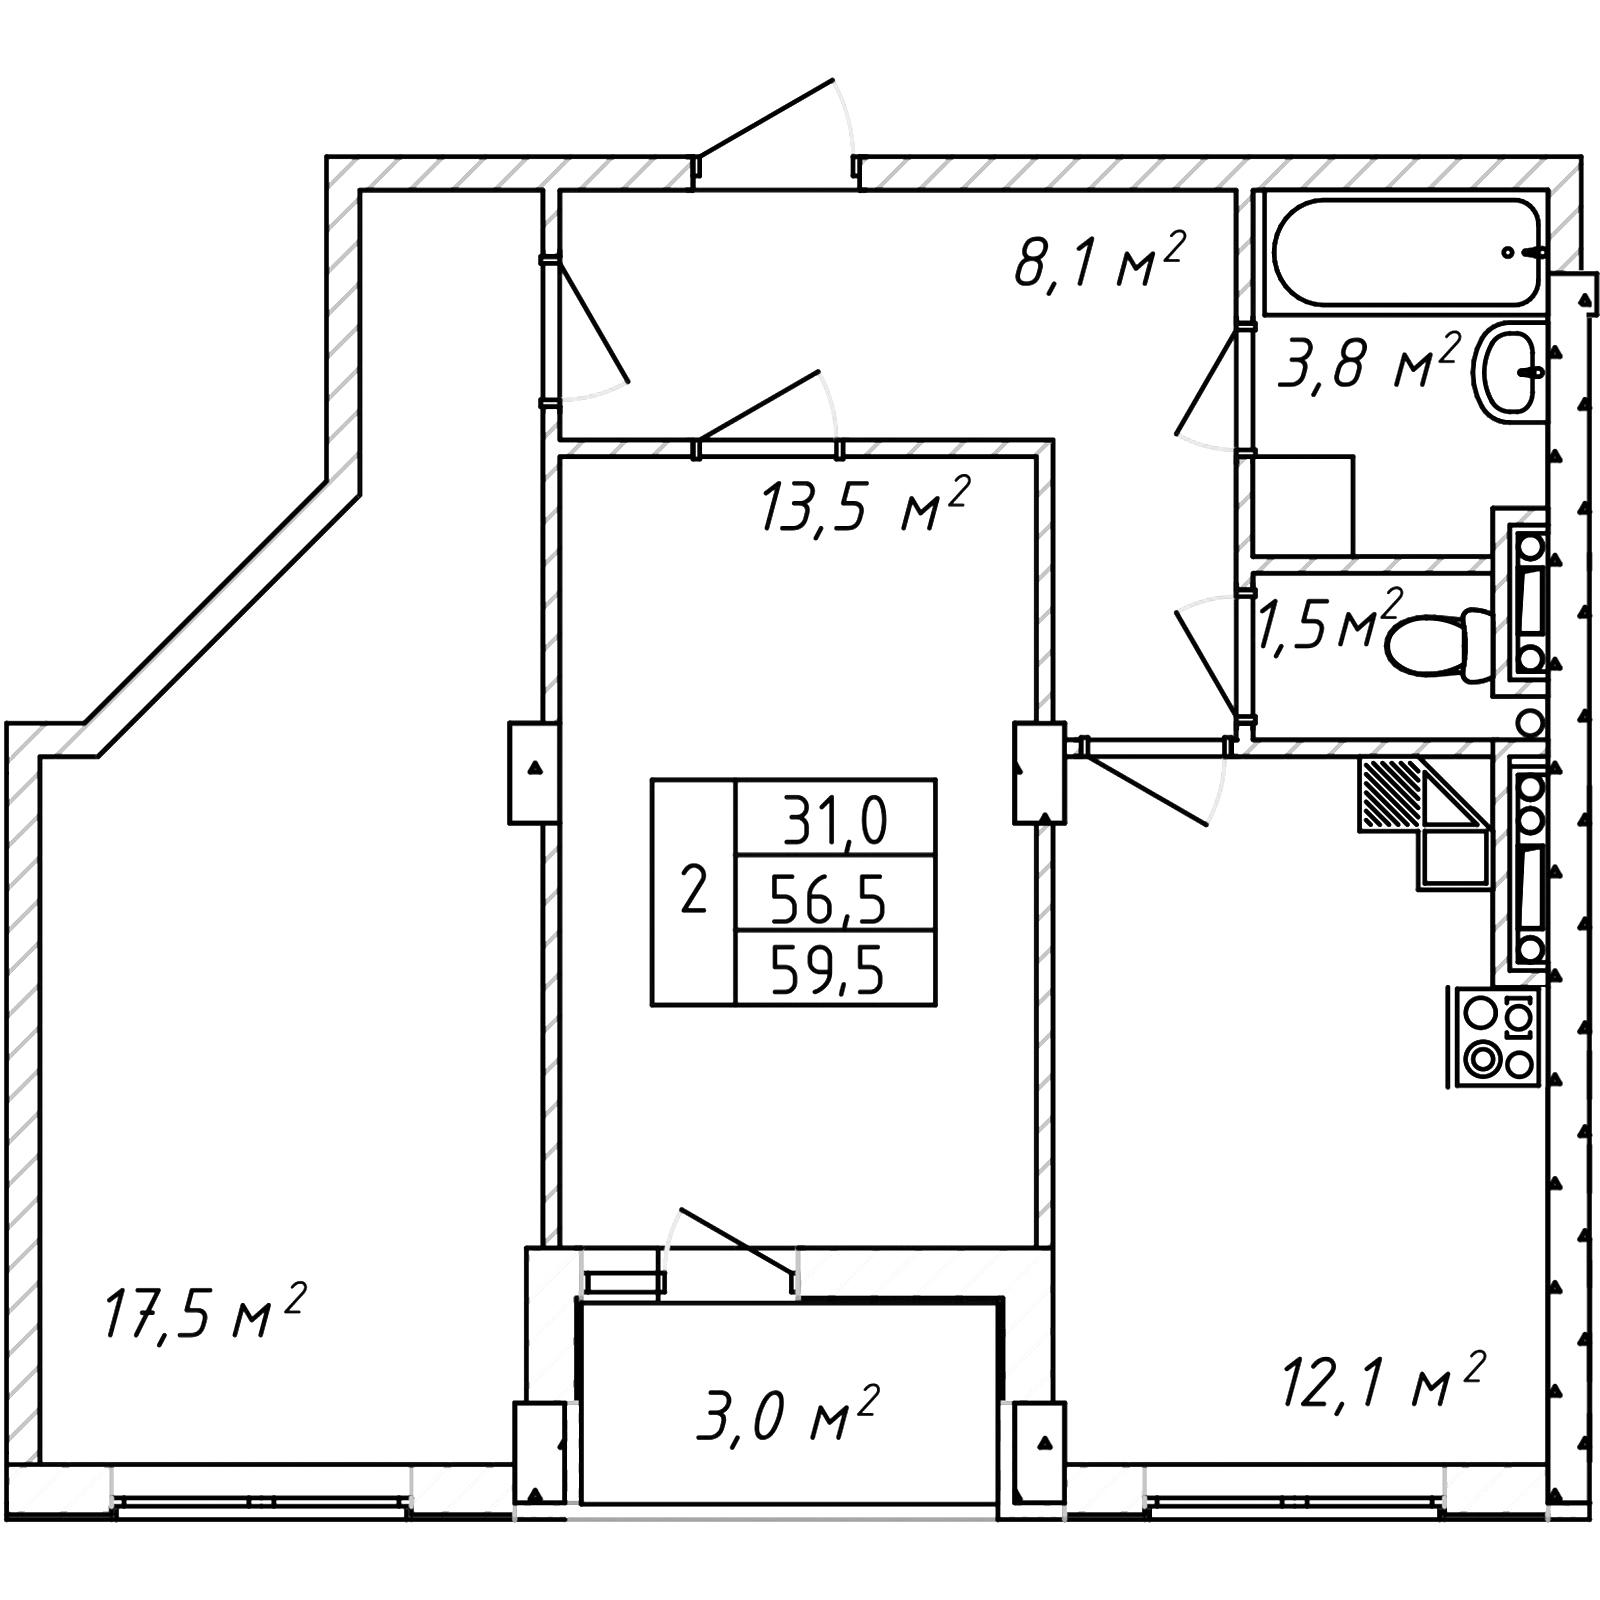 Двухкомнатная - Дом на Щорса$39325Площадь:60.5m²